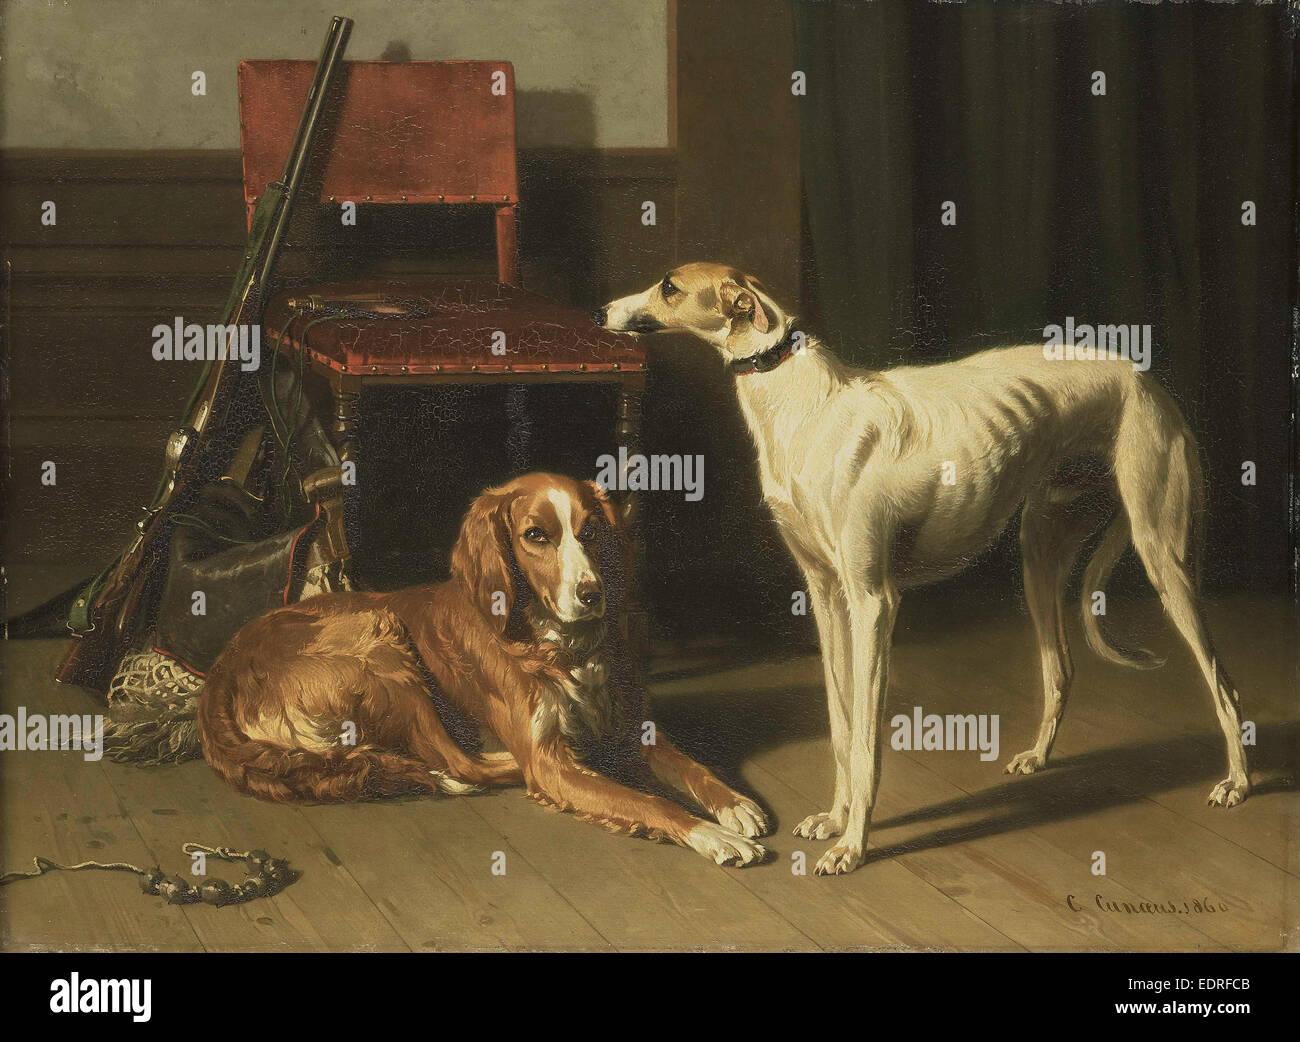 Compañeros de caza, Conradijn Cunaeus, 1860 Imagen De Stock